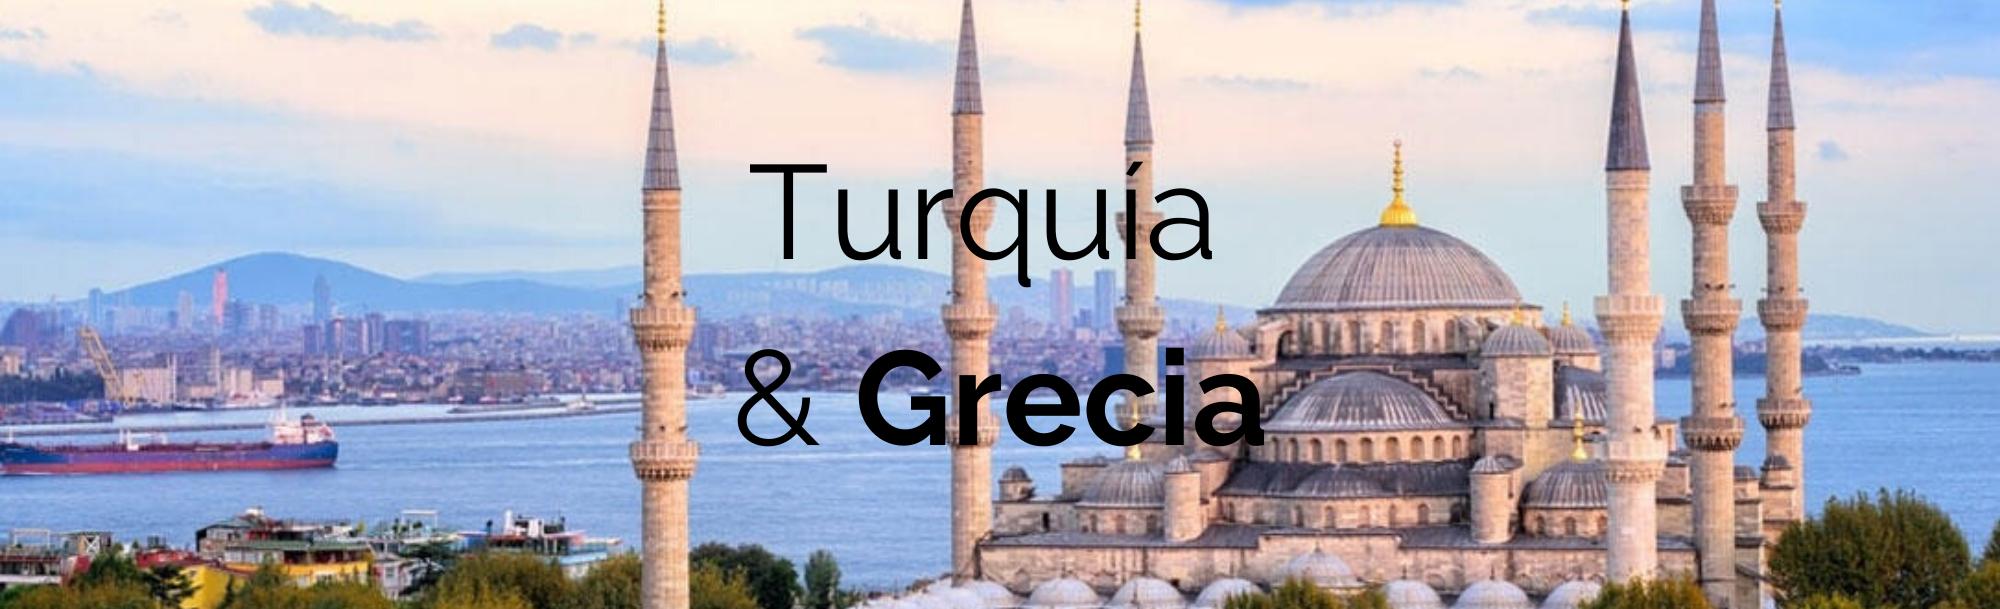 Turquía y Grecia